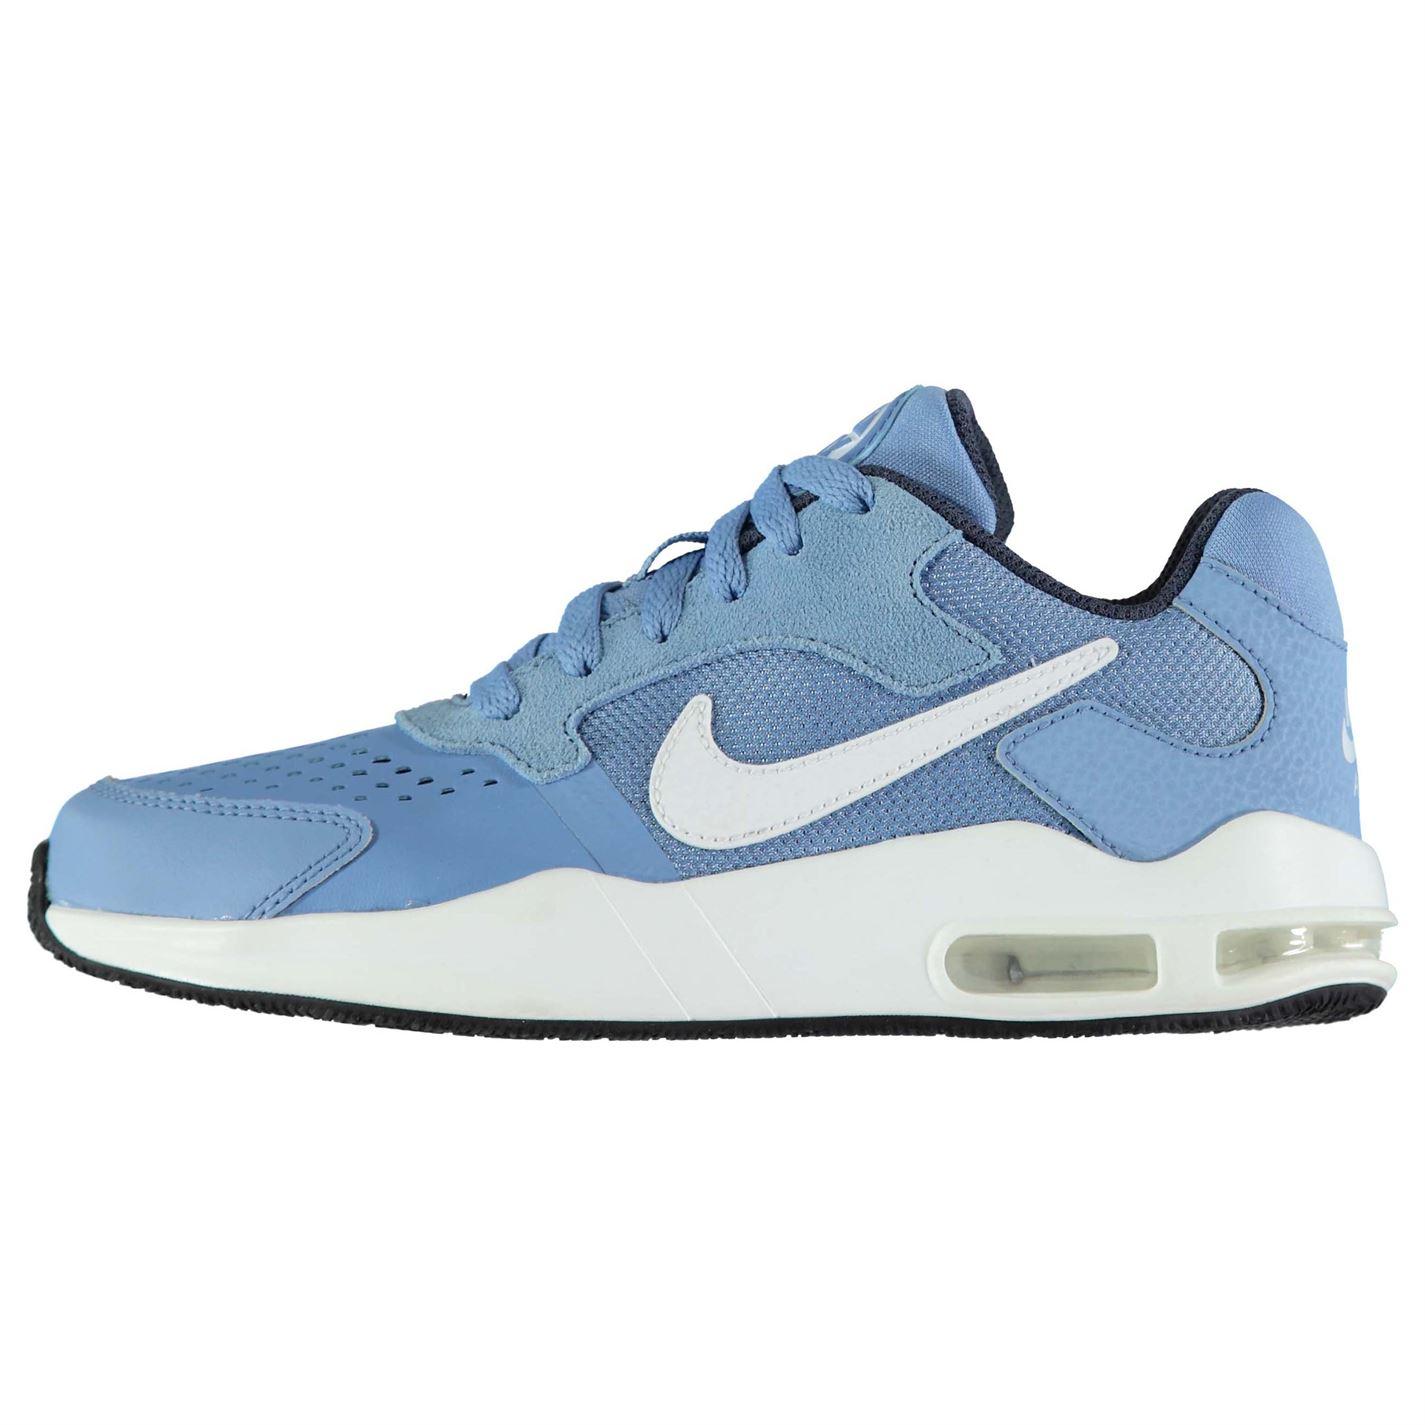 Nike Air Max Guile Runners Girls